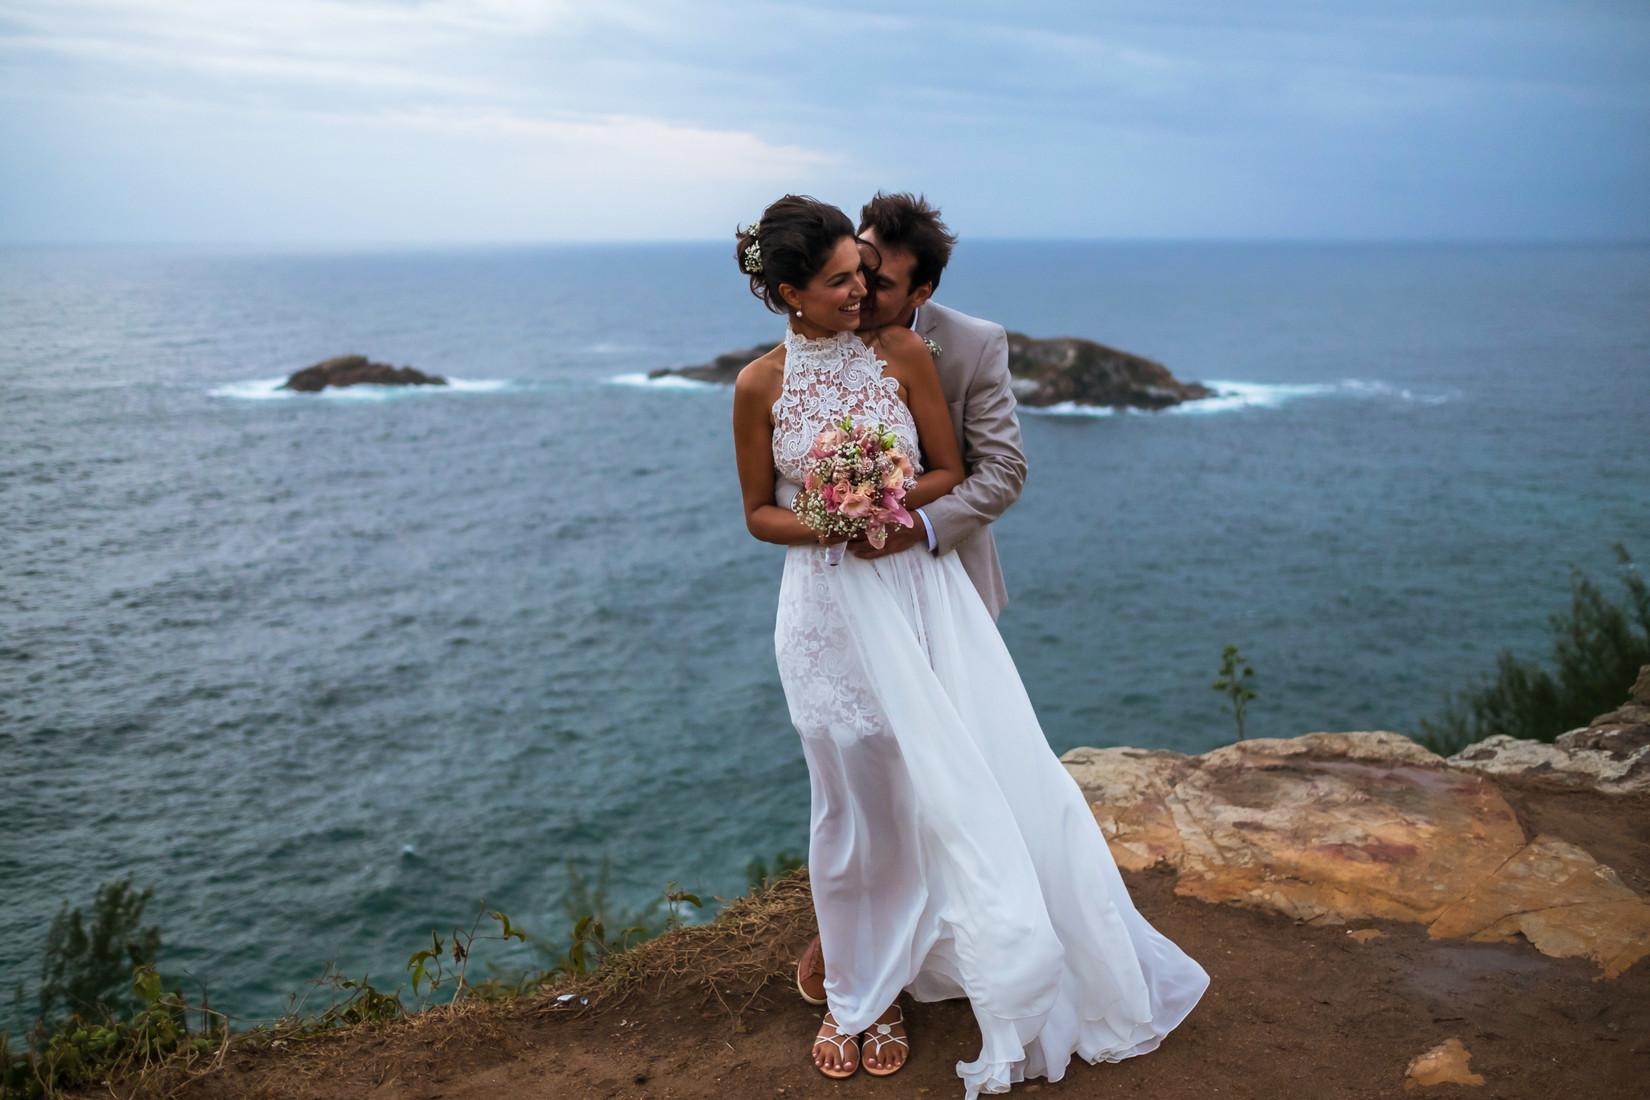 Contate Fotógrafo de Casamentos RJ, Petrópolis, Buzios - Marcelo Vallin Fotografia de Casamento